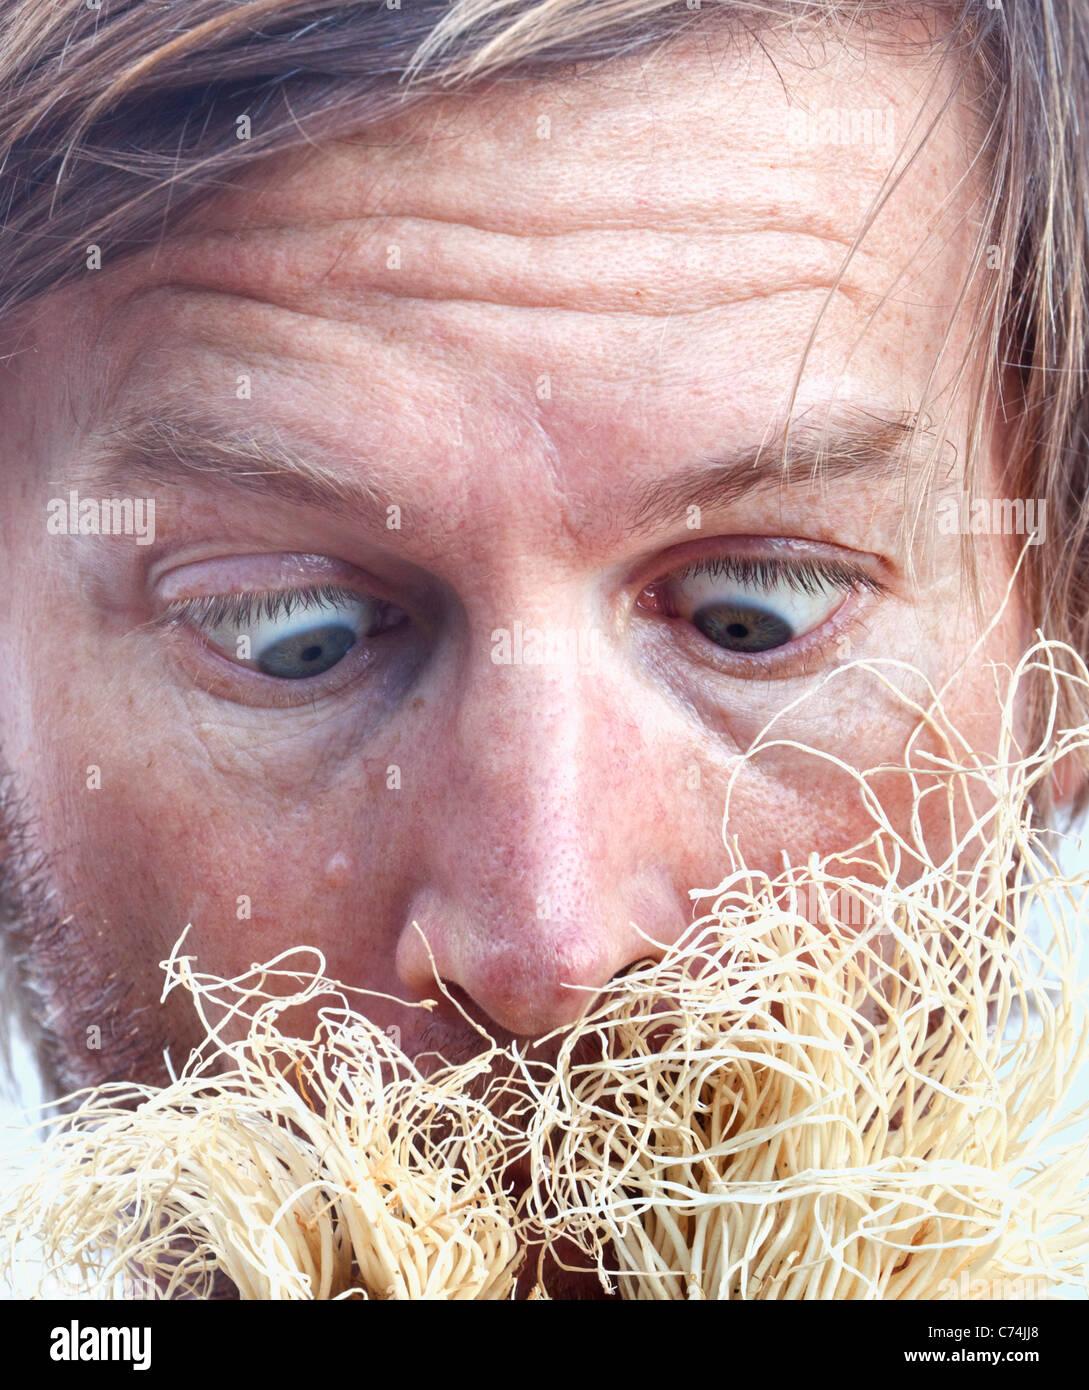 Nahaufnahme der Mann sah geschockt auf seltsame Wachstum wächst offenbar auf seinem Gesicht. Stockfoto